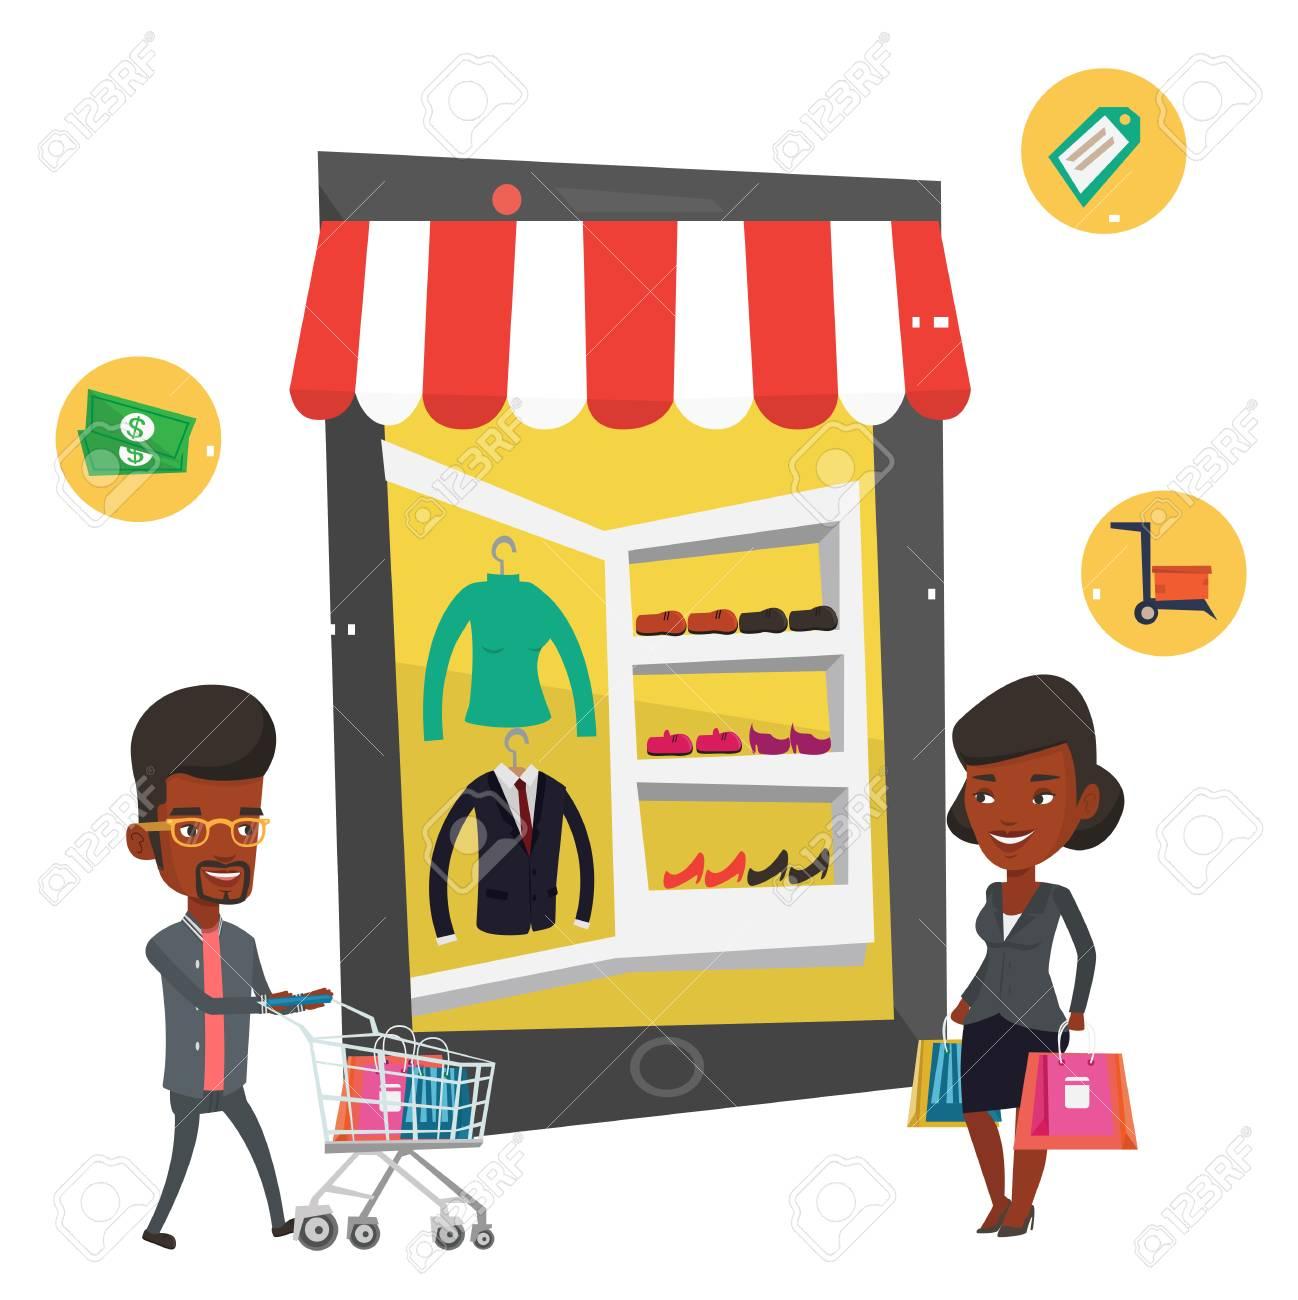 94f36015c218d Les Africains Font Des Achats En Ligne. Femme Et Homme à L aide De Shopping  Mobile. Femme Et Homme Marchant Dans Le Magasin Qui Ressemble à Une  Tablette.